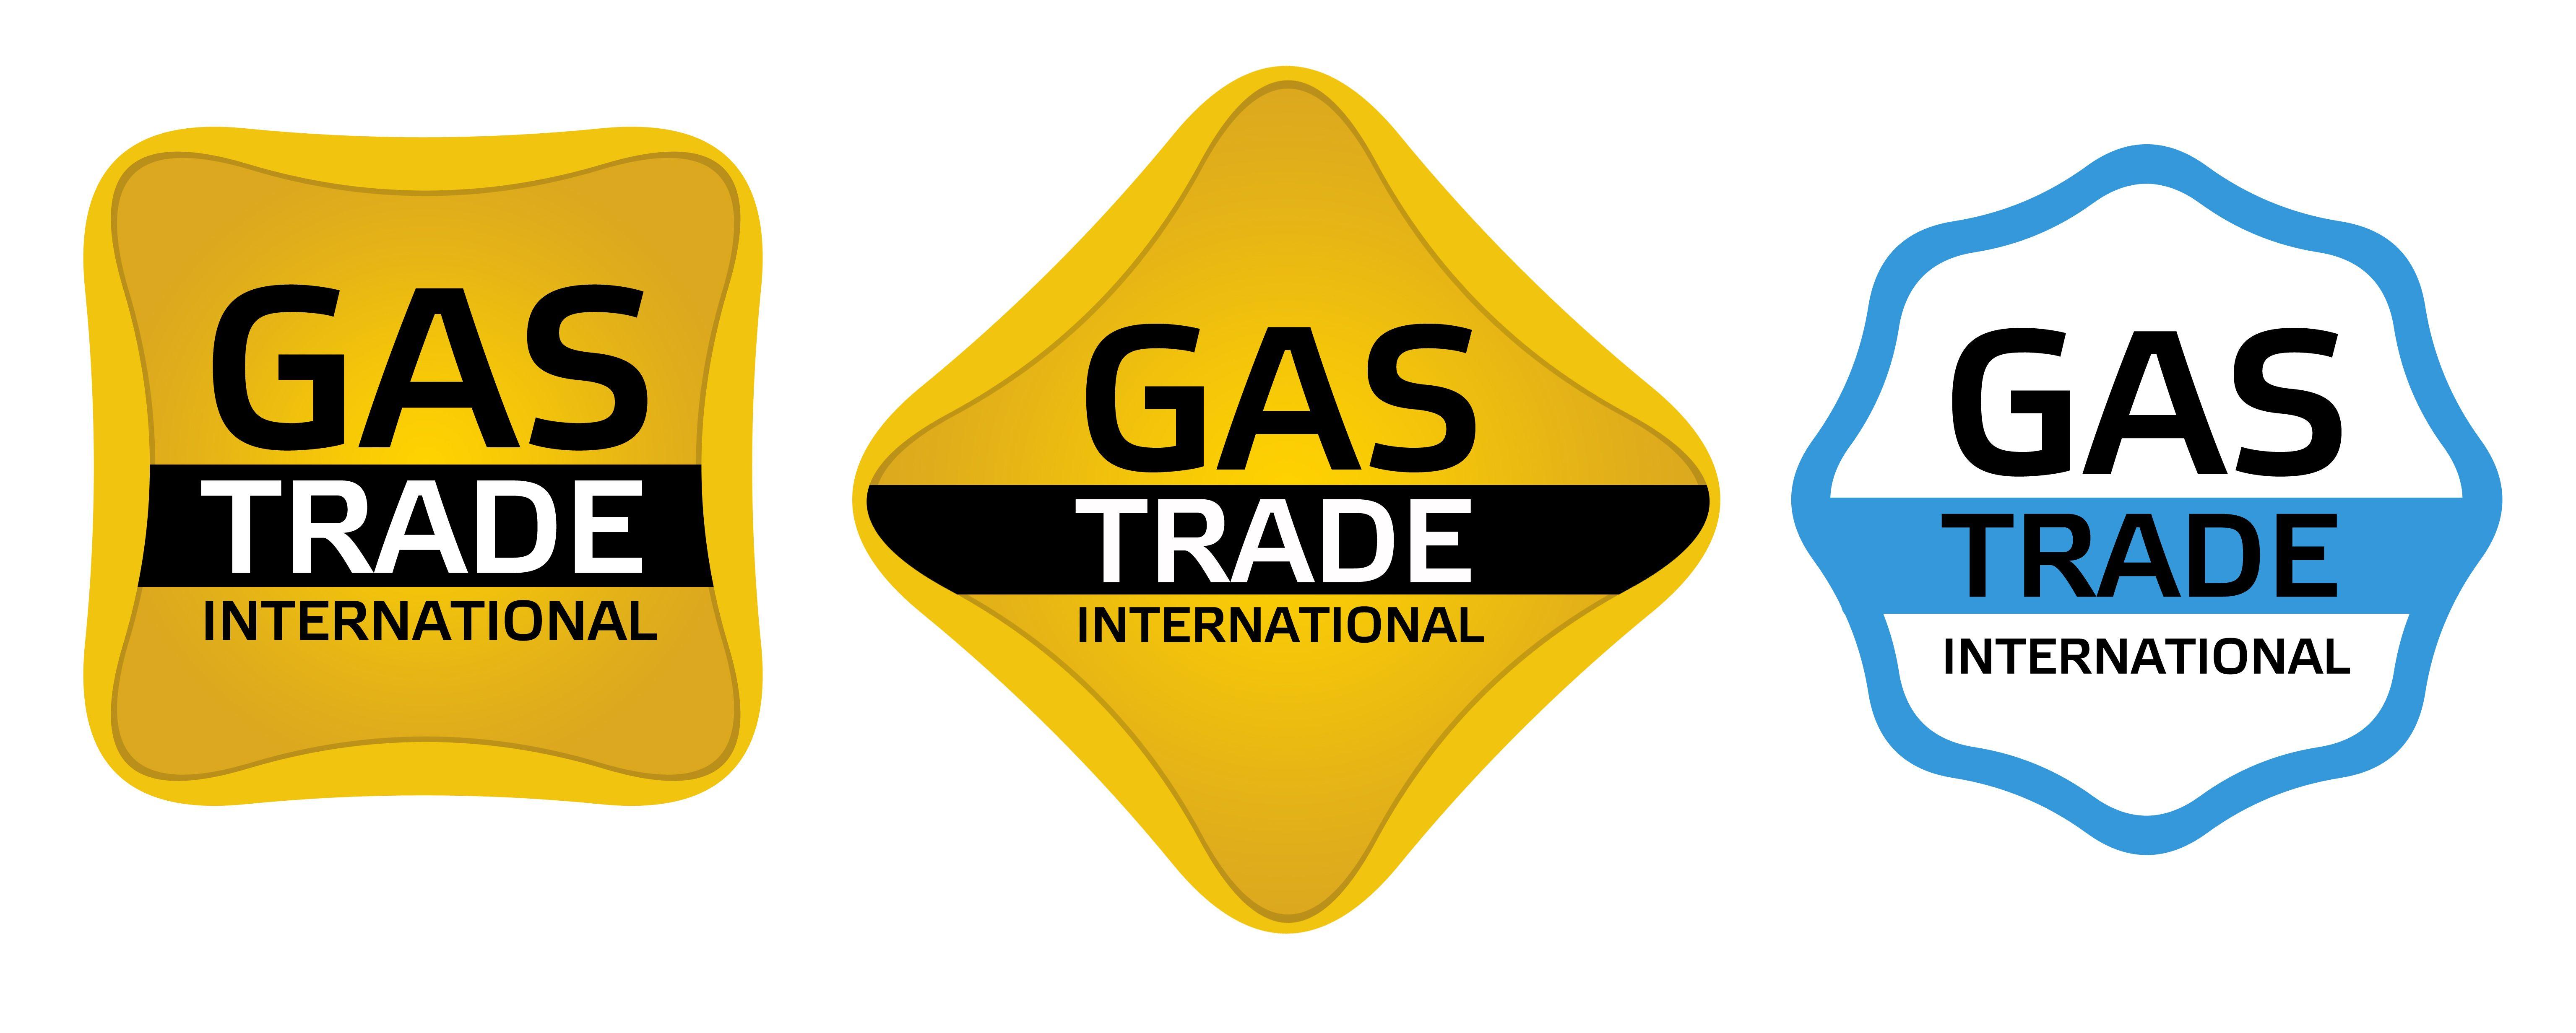 Компания торгующая природным газом - дизайнер DmitryMikhailov